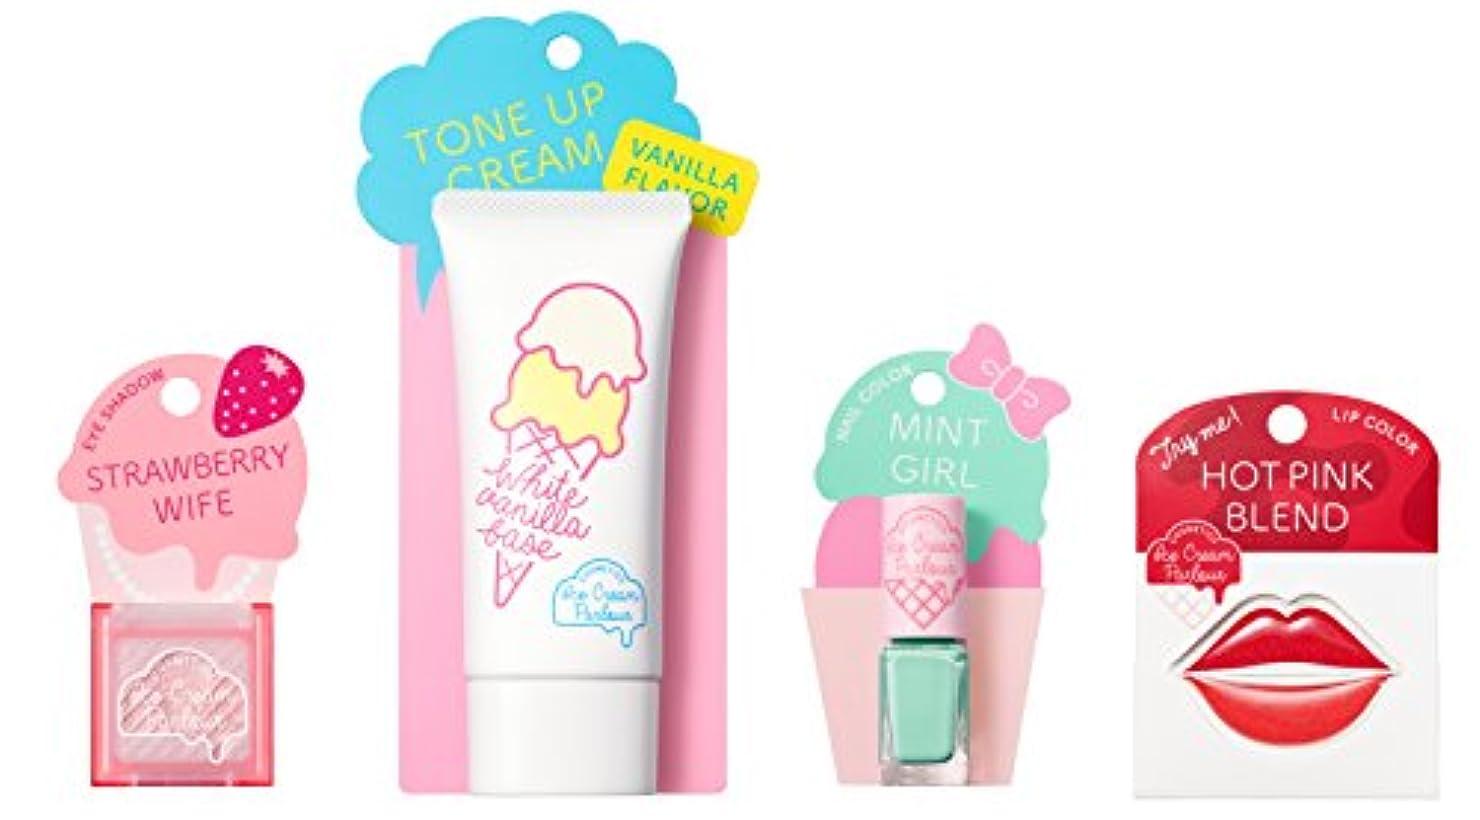 トリム蒸発する普遍的なアイスクリームパーラー コスメティクス アイスクリームセット F